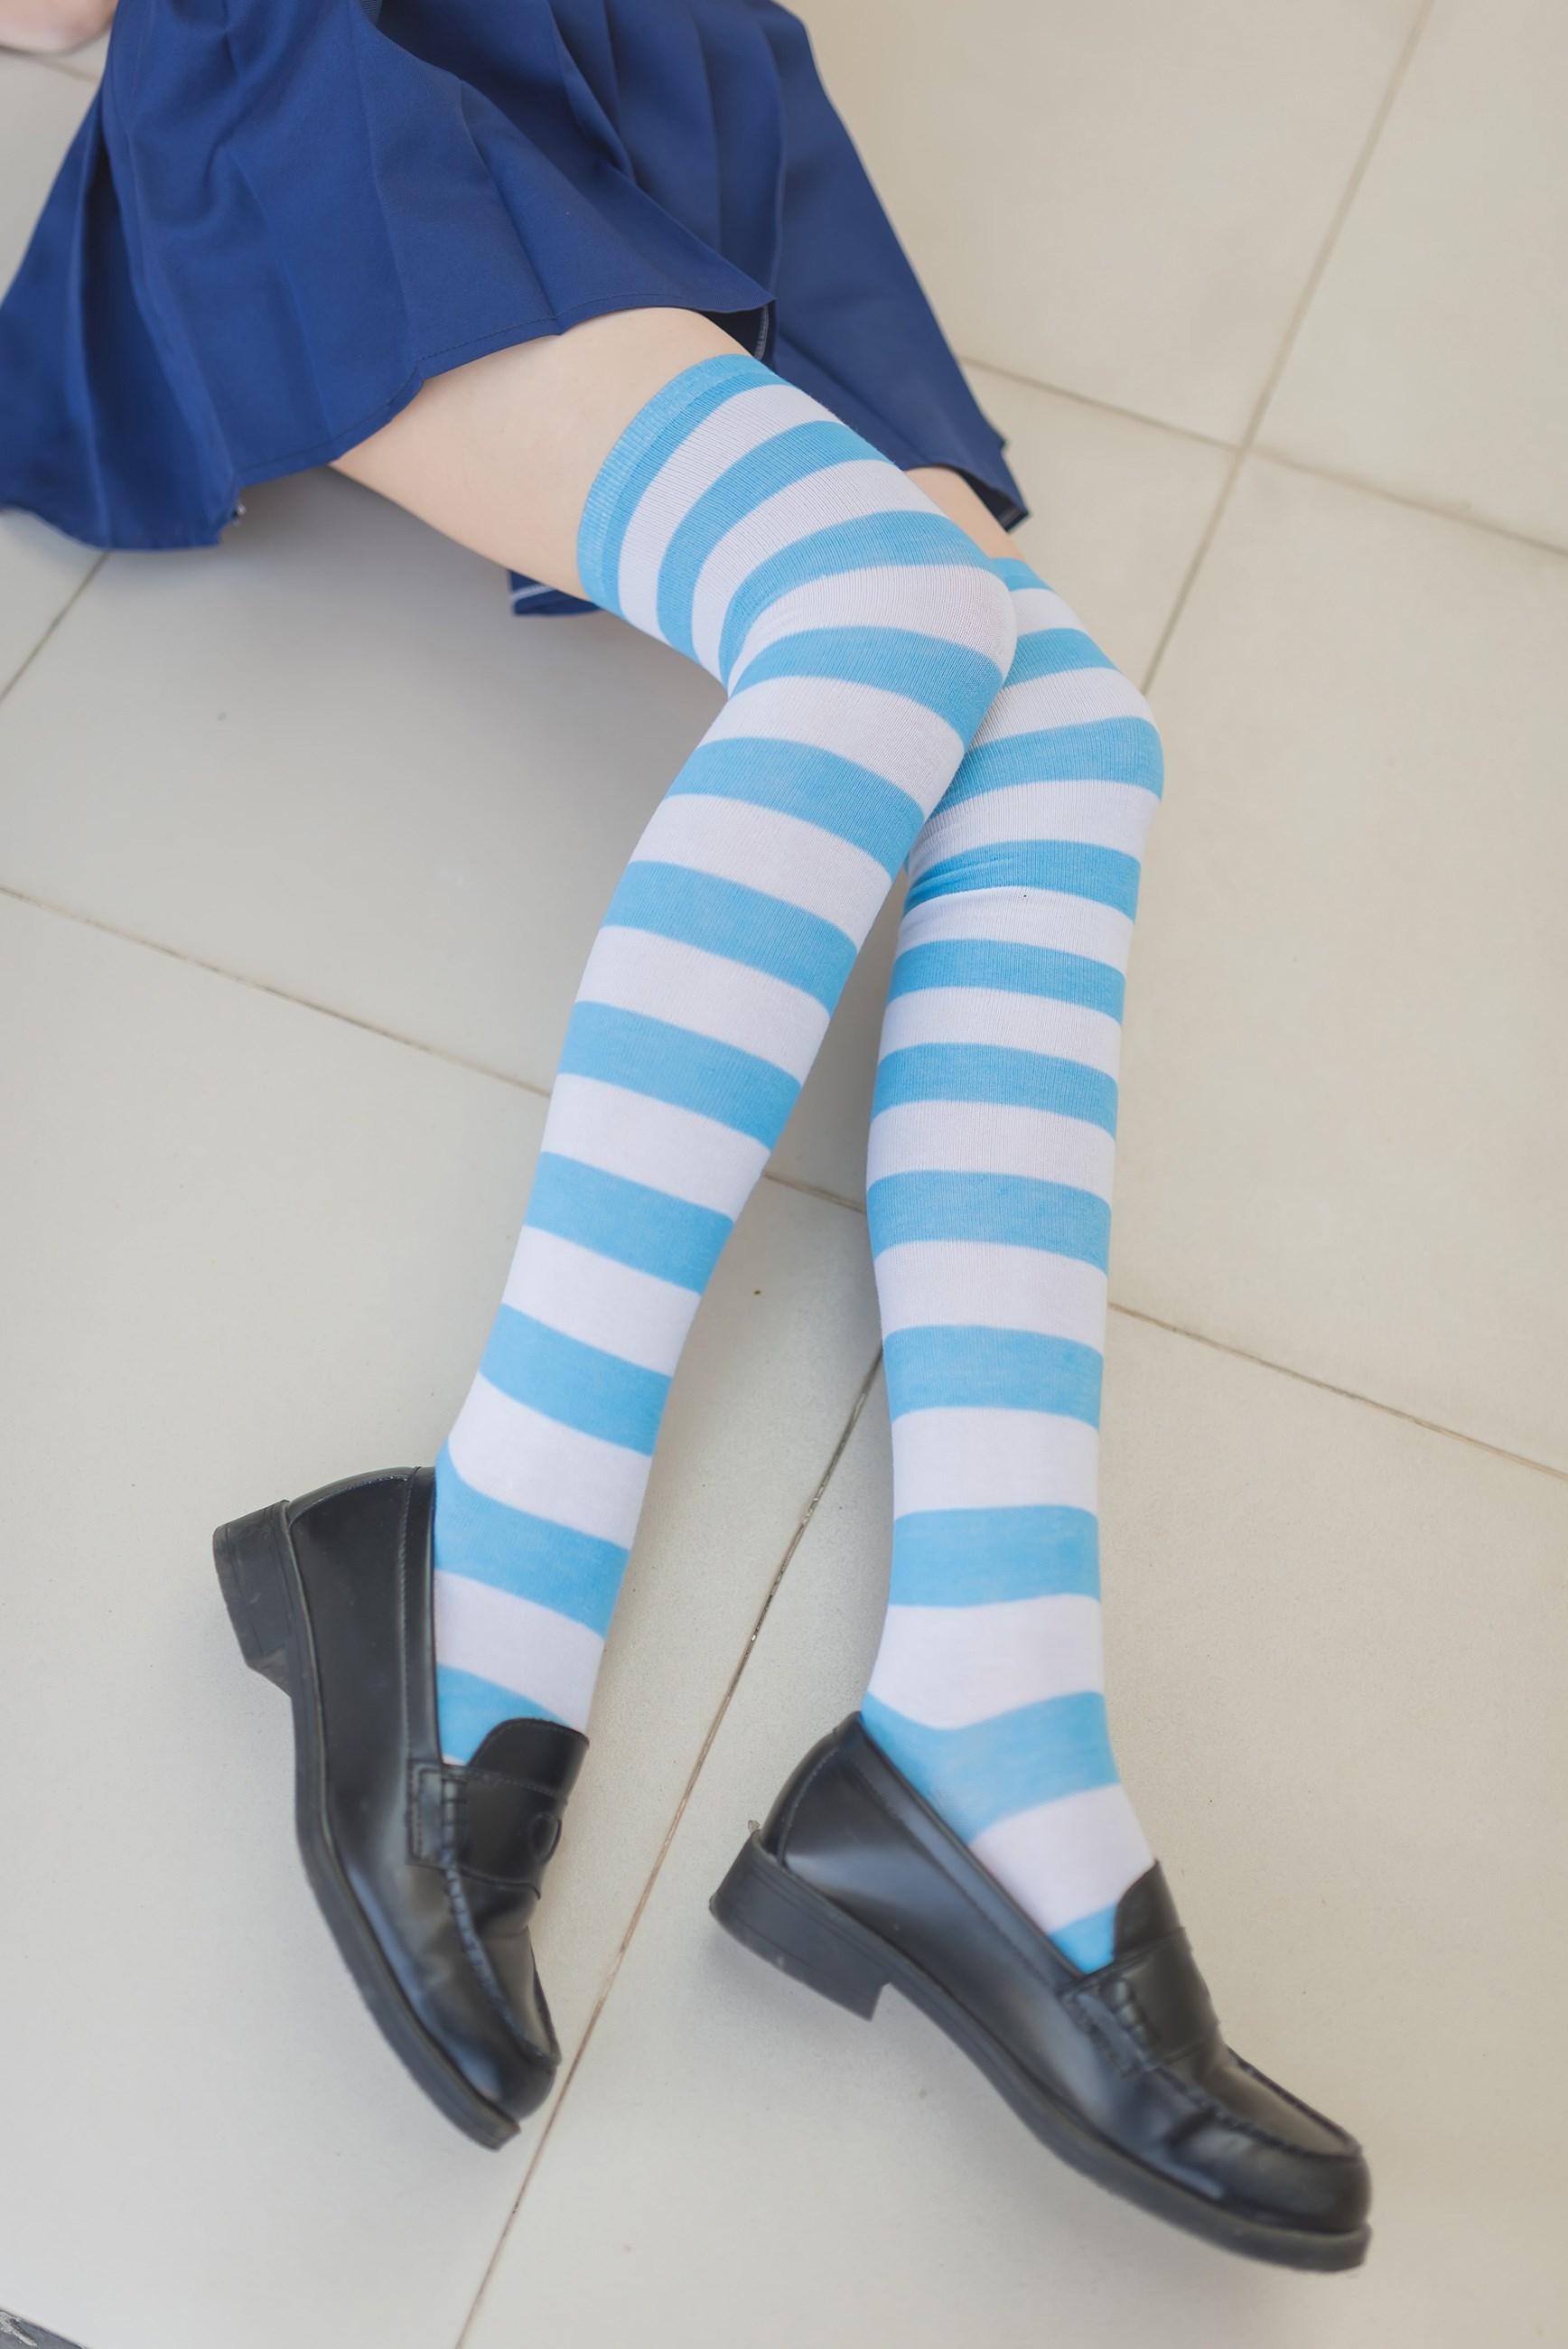 【兔玩映画】蓝白条纹的小细腿 兔玩映画 第34张